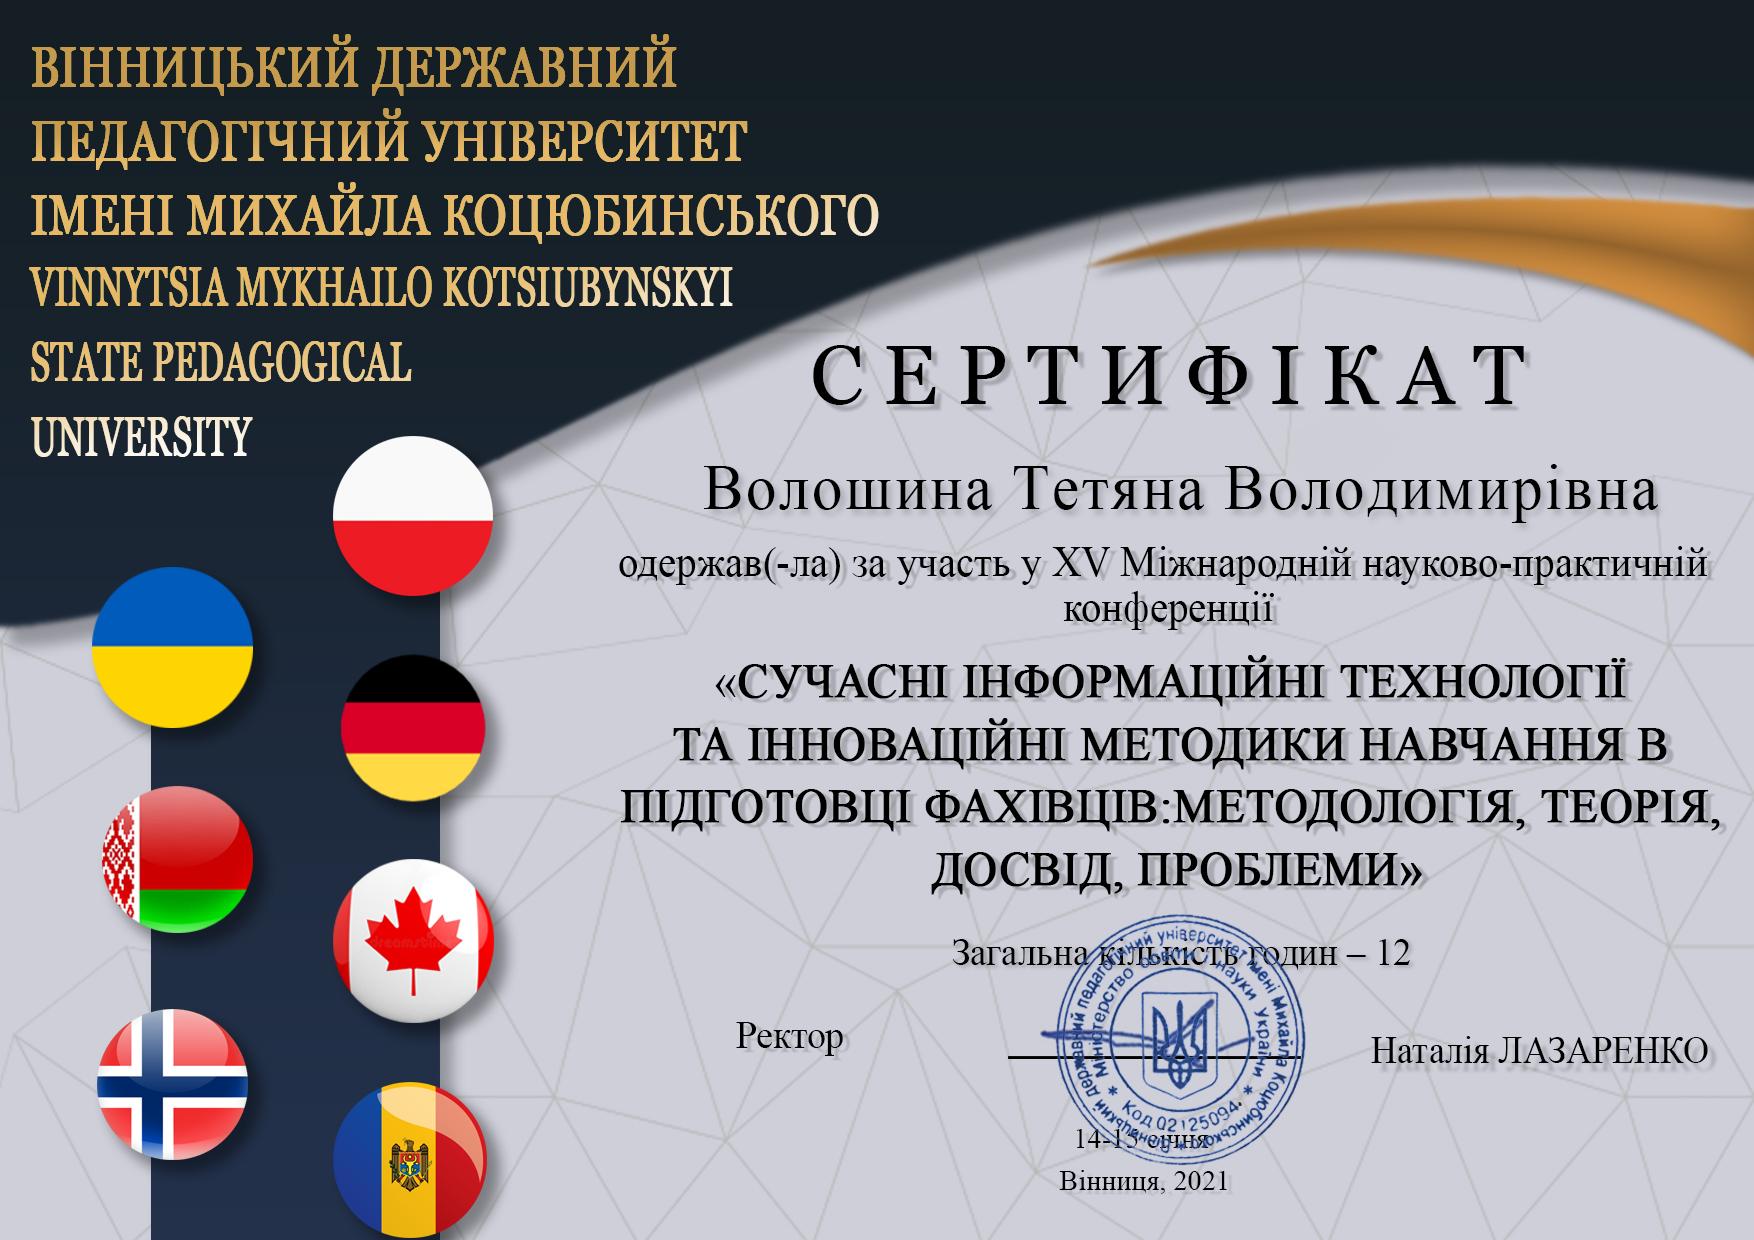 Волошина Тетяна Володимирівна